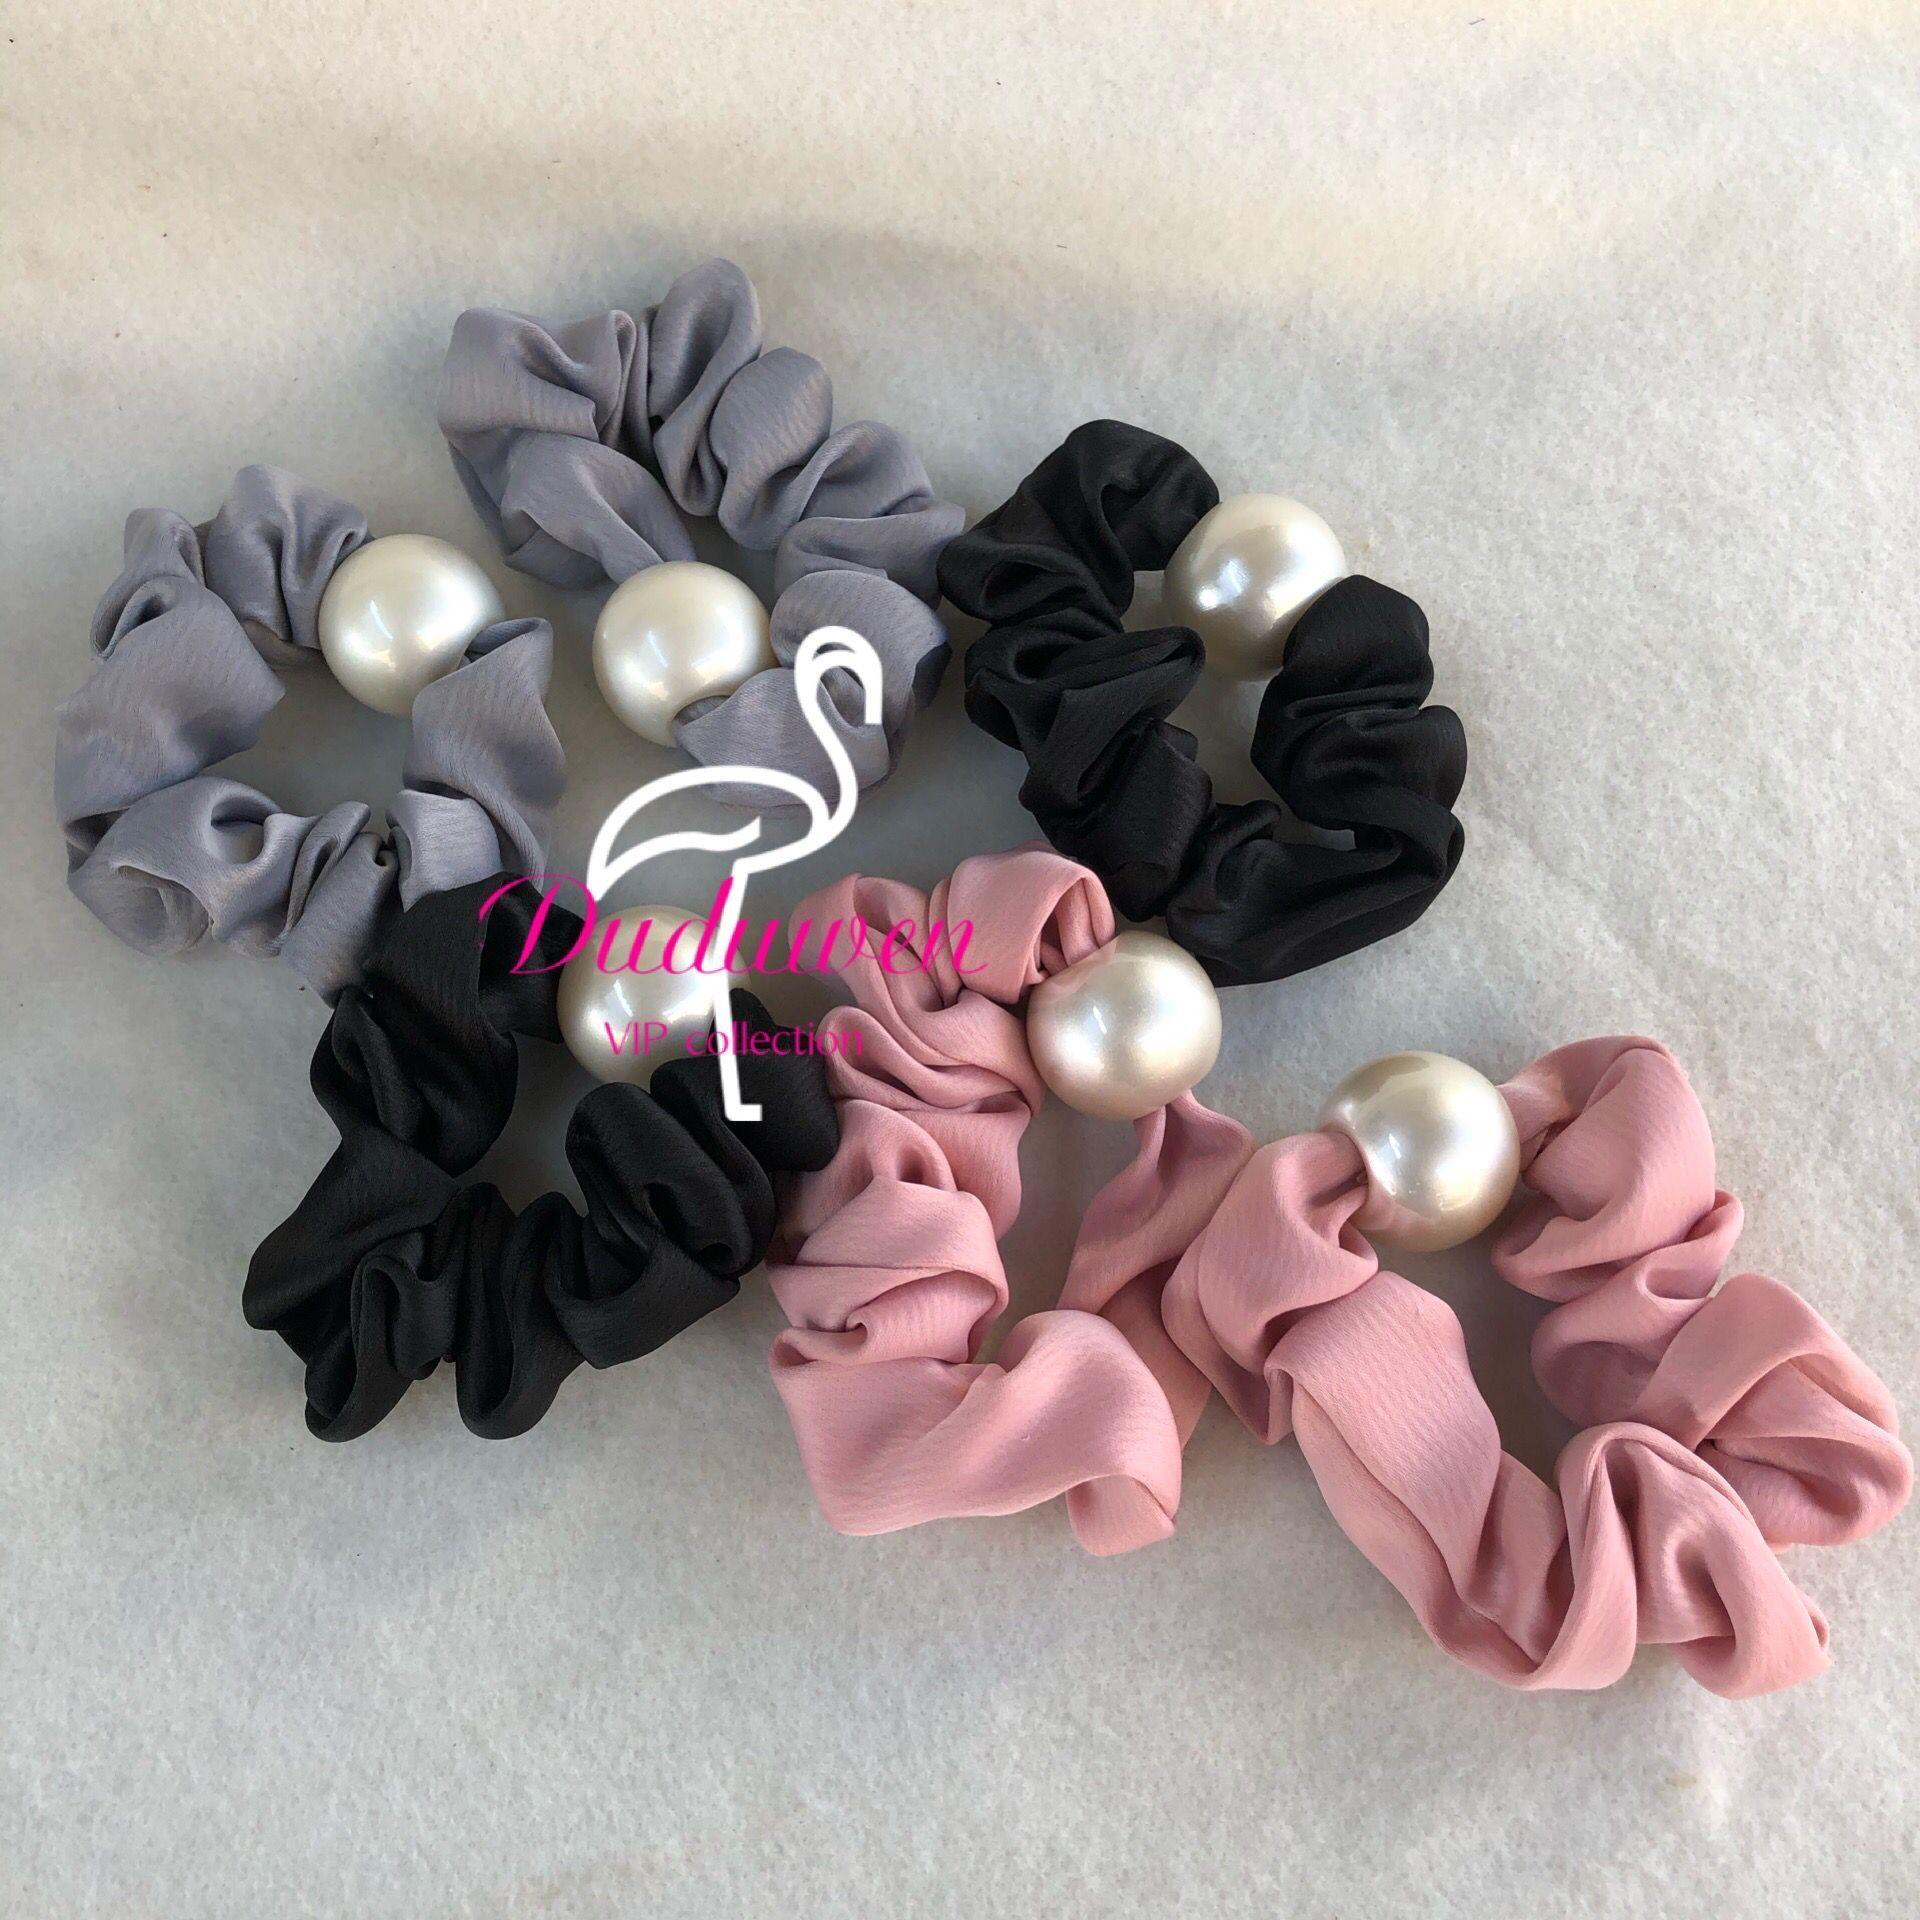 خيار اللون الأزياء c لؤلؤة الشعر التعادل حبل الشعر الكلاسيكية ل pearl c علامات الشعر الملحقات مع فرط بطاقة حزب هدية